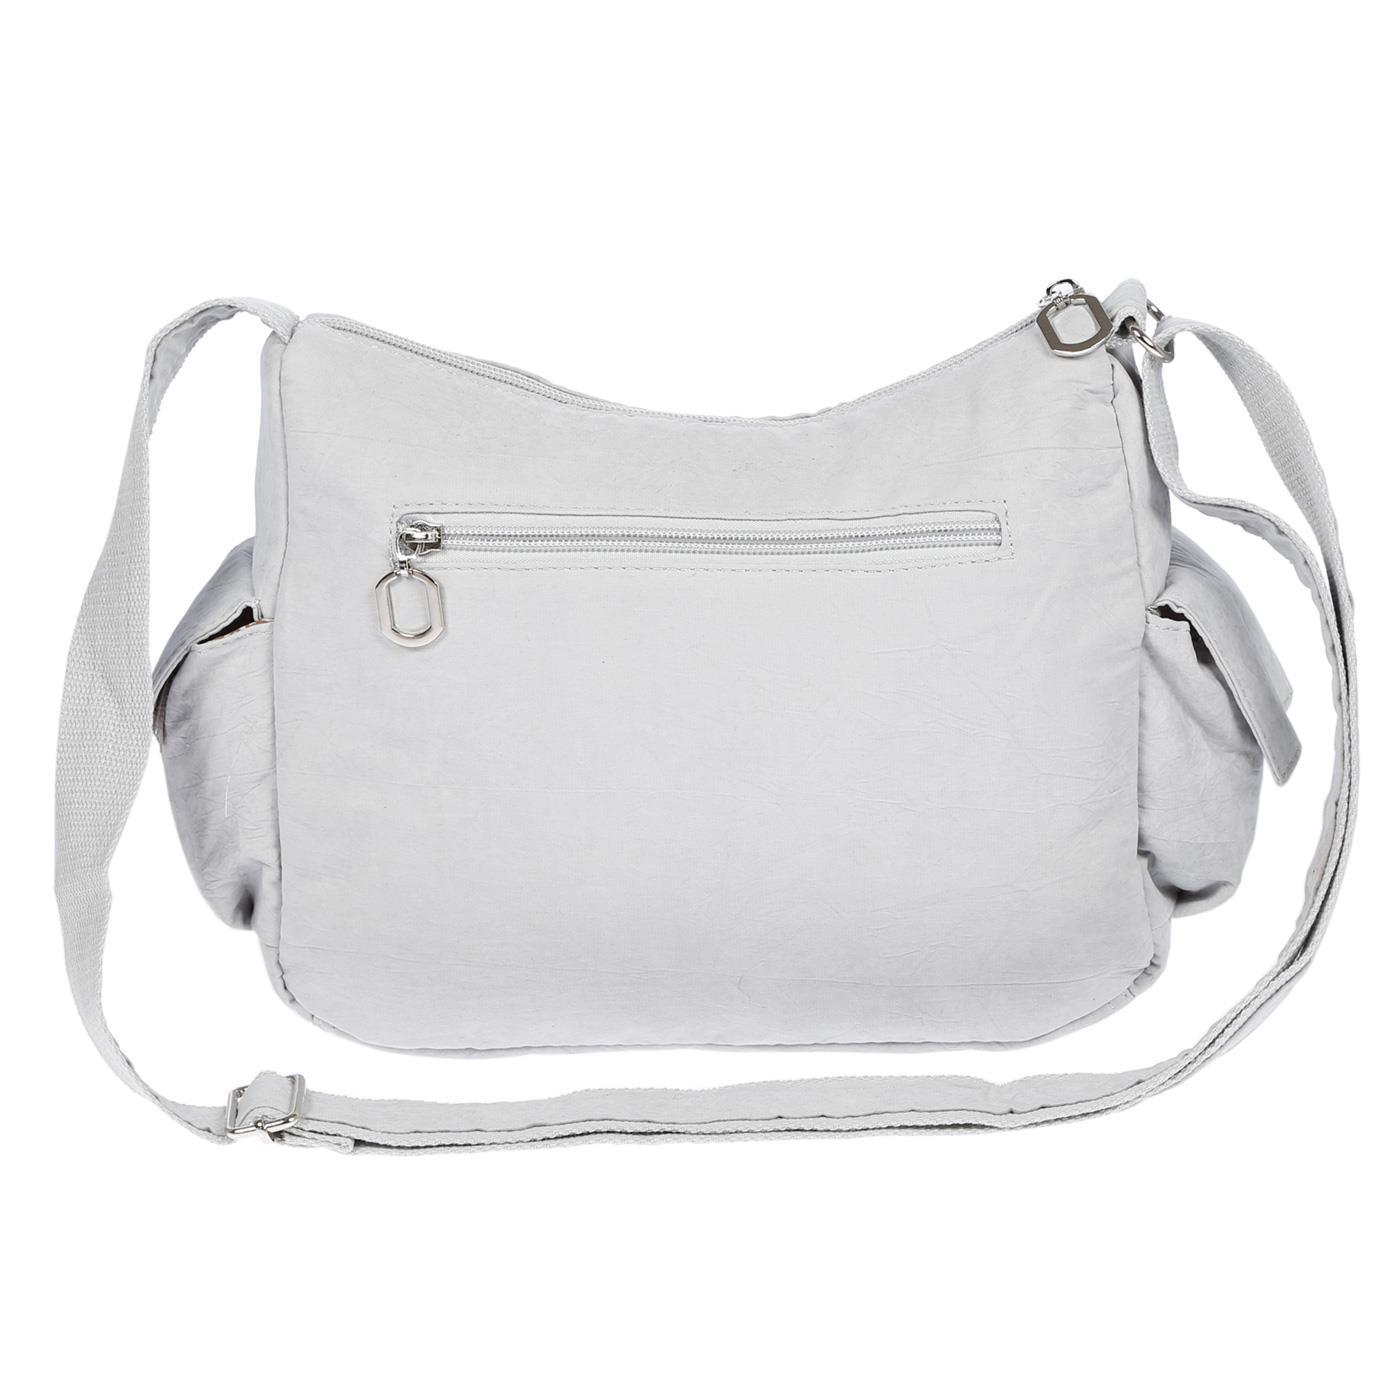 Damenhandtasche-Schultertasche-Tasche-Umhaengetasche-Canvas-Shopper-Crossover-Bag Indexbild 23